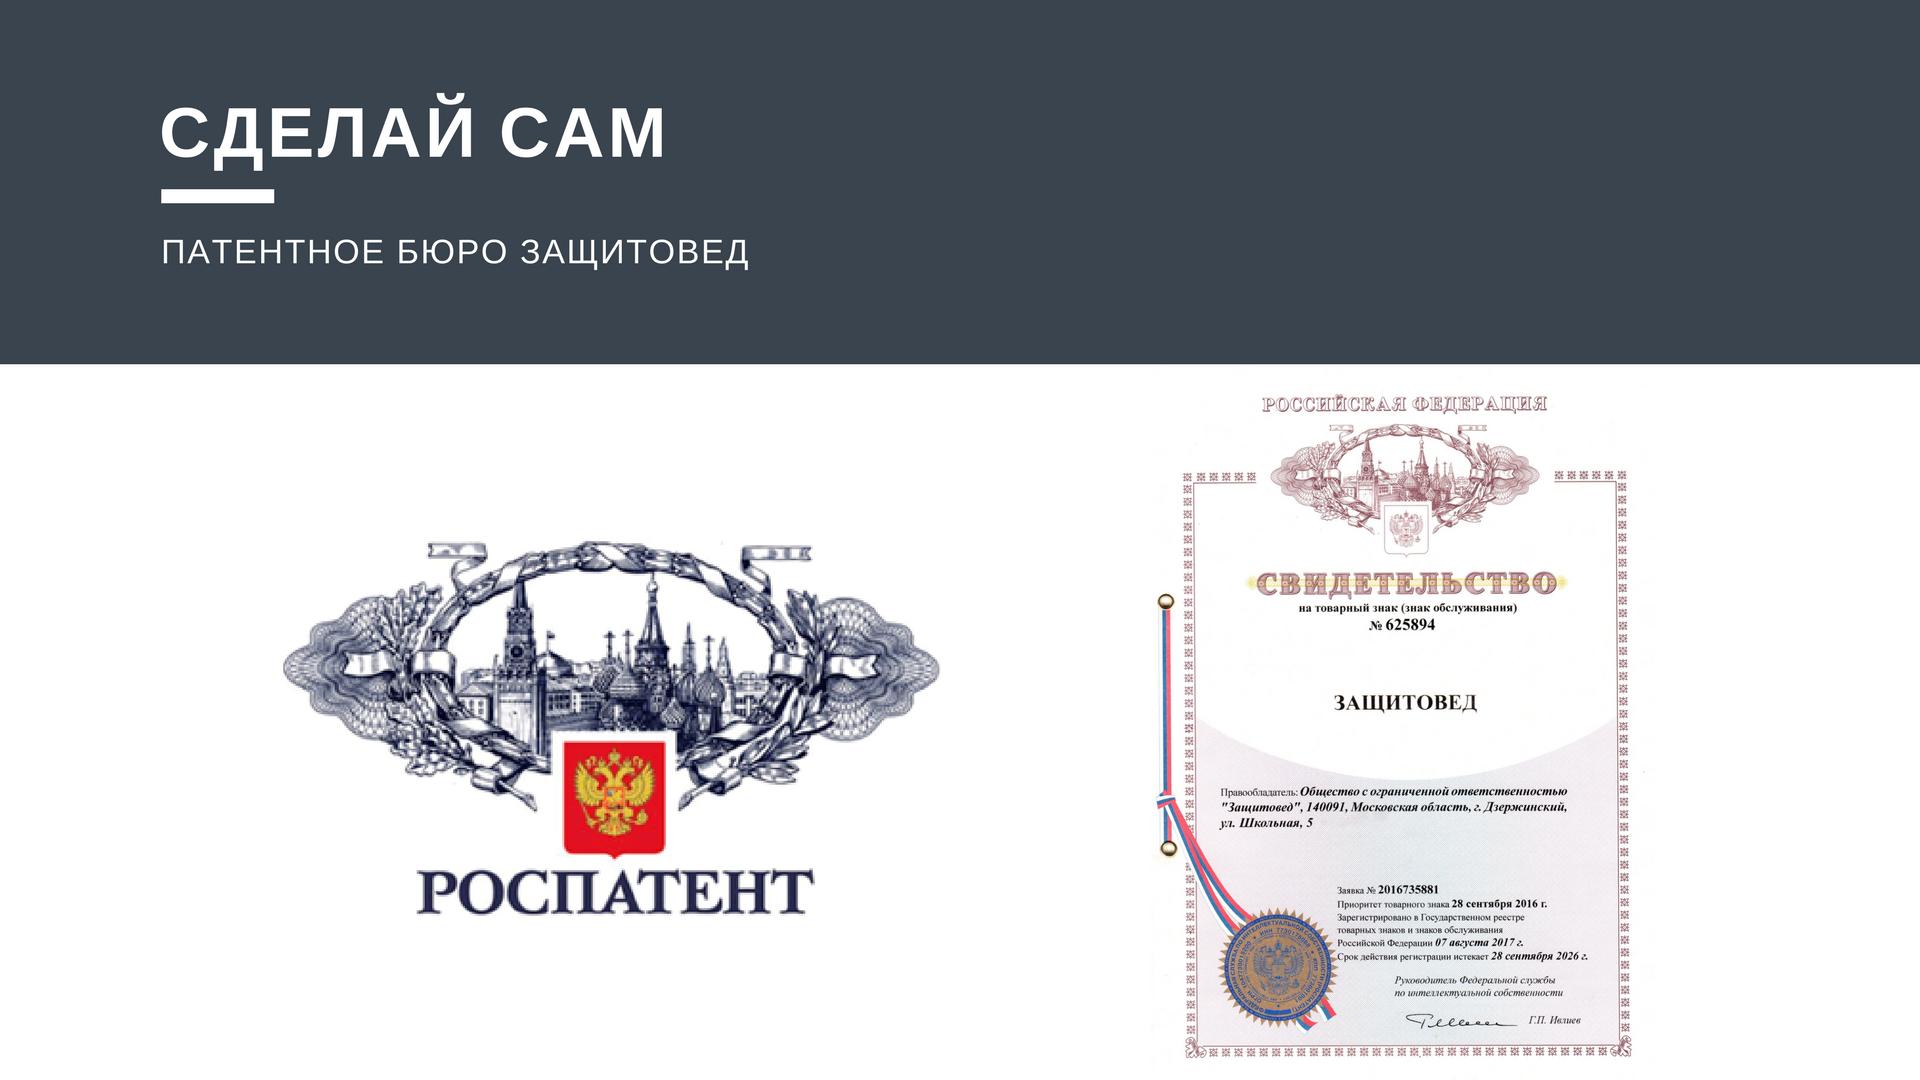 Самостоятельная регистрация товарного знака в Роспатенте